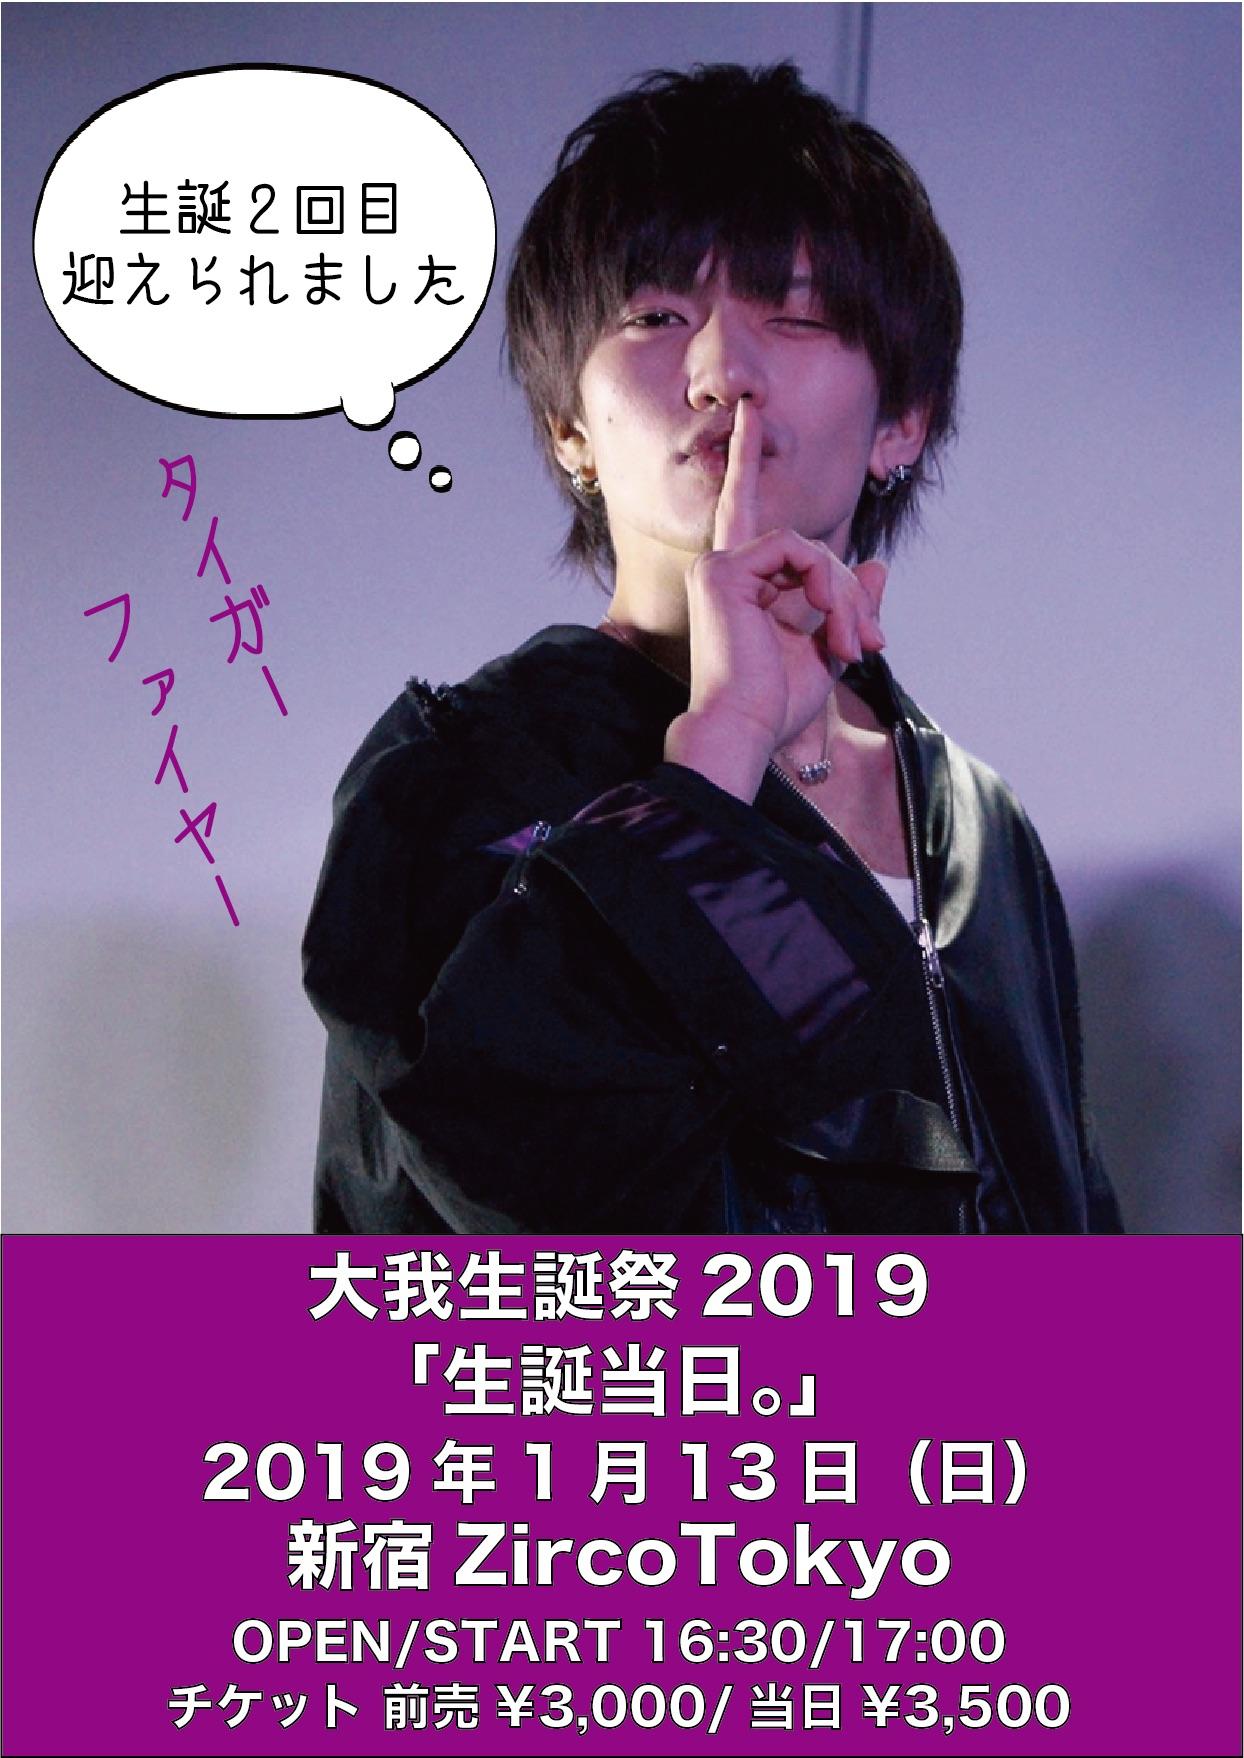 新世紀えぴっくすたぁネ申 大我生誕祭2019  「生誕当日。」